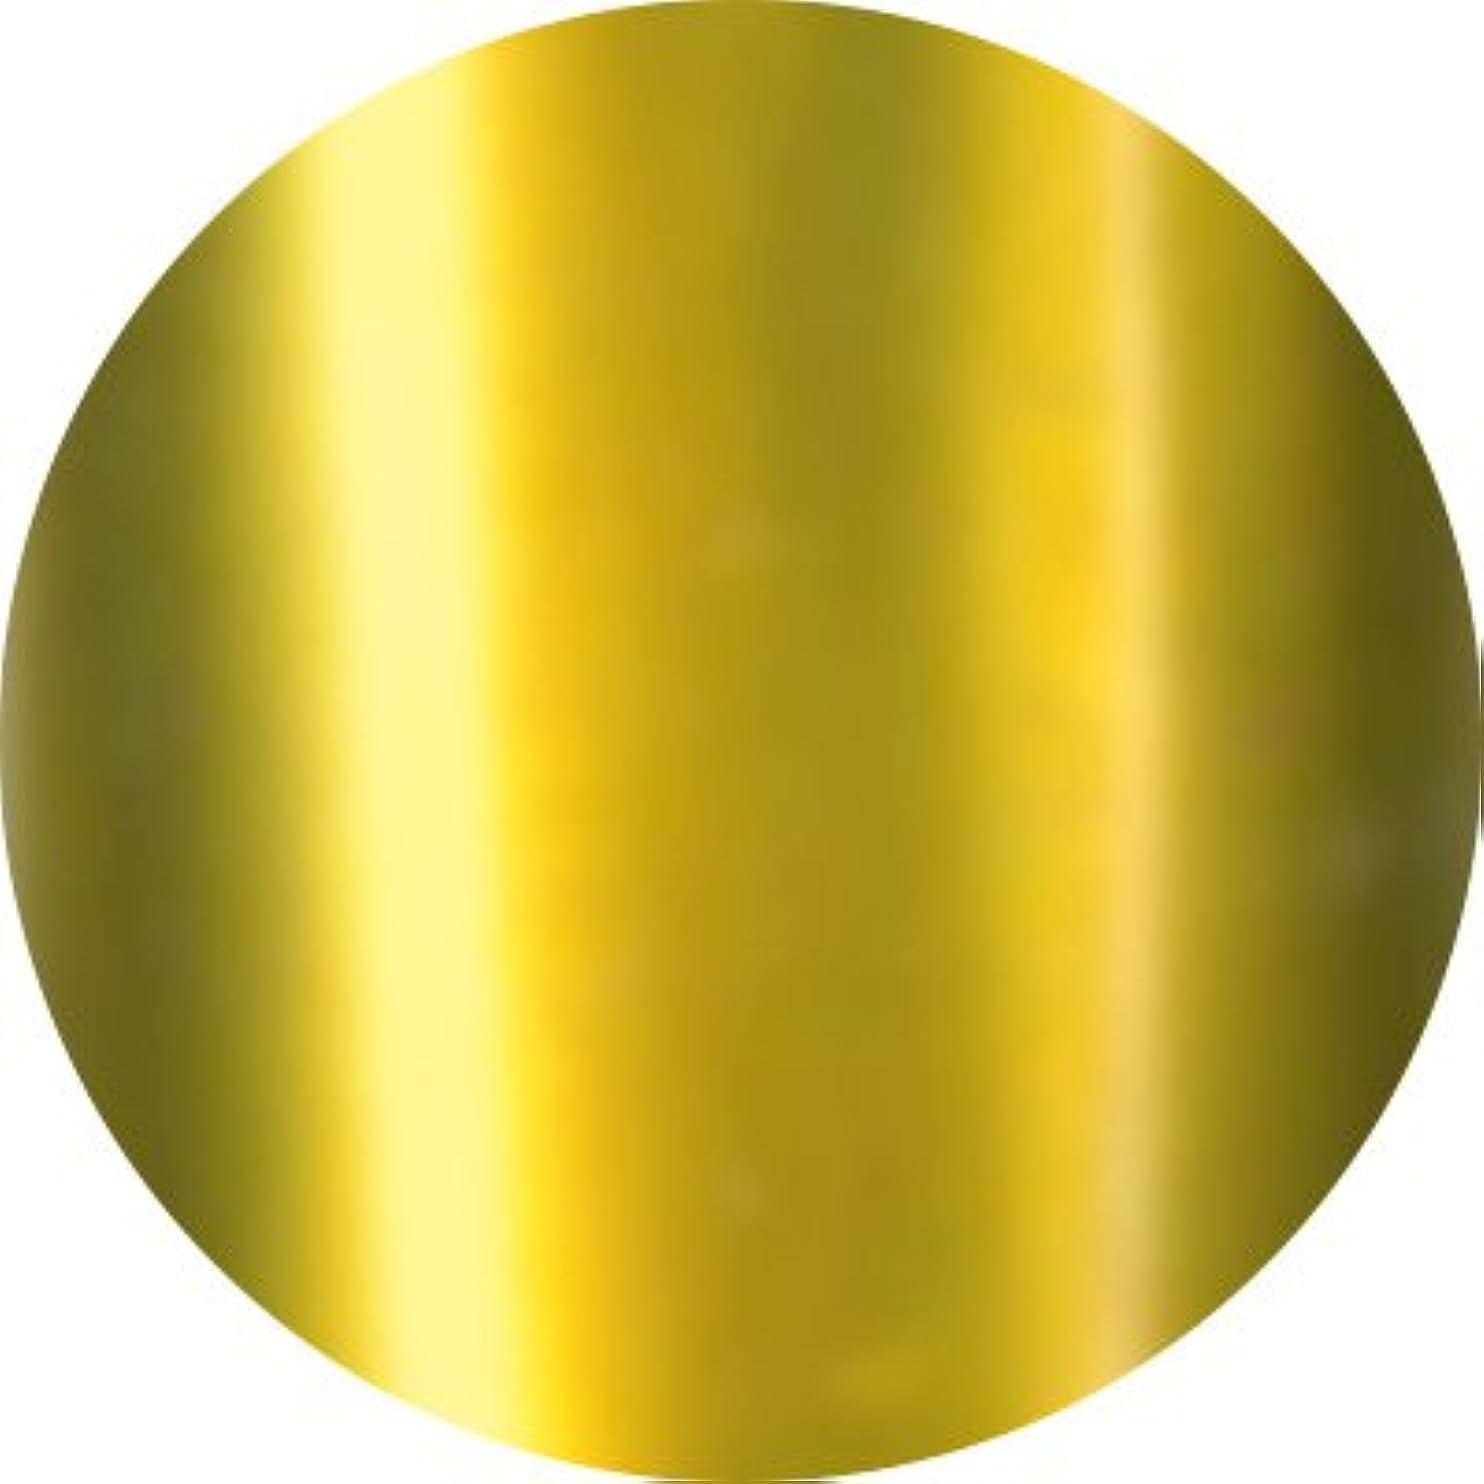 パール膨張するコメンテーターJewelry jel(ジュエリージェル) カラージェル 5ml<BR>ピッカピカメタリック MKゴールド